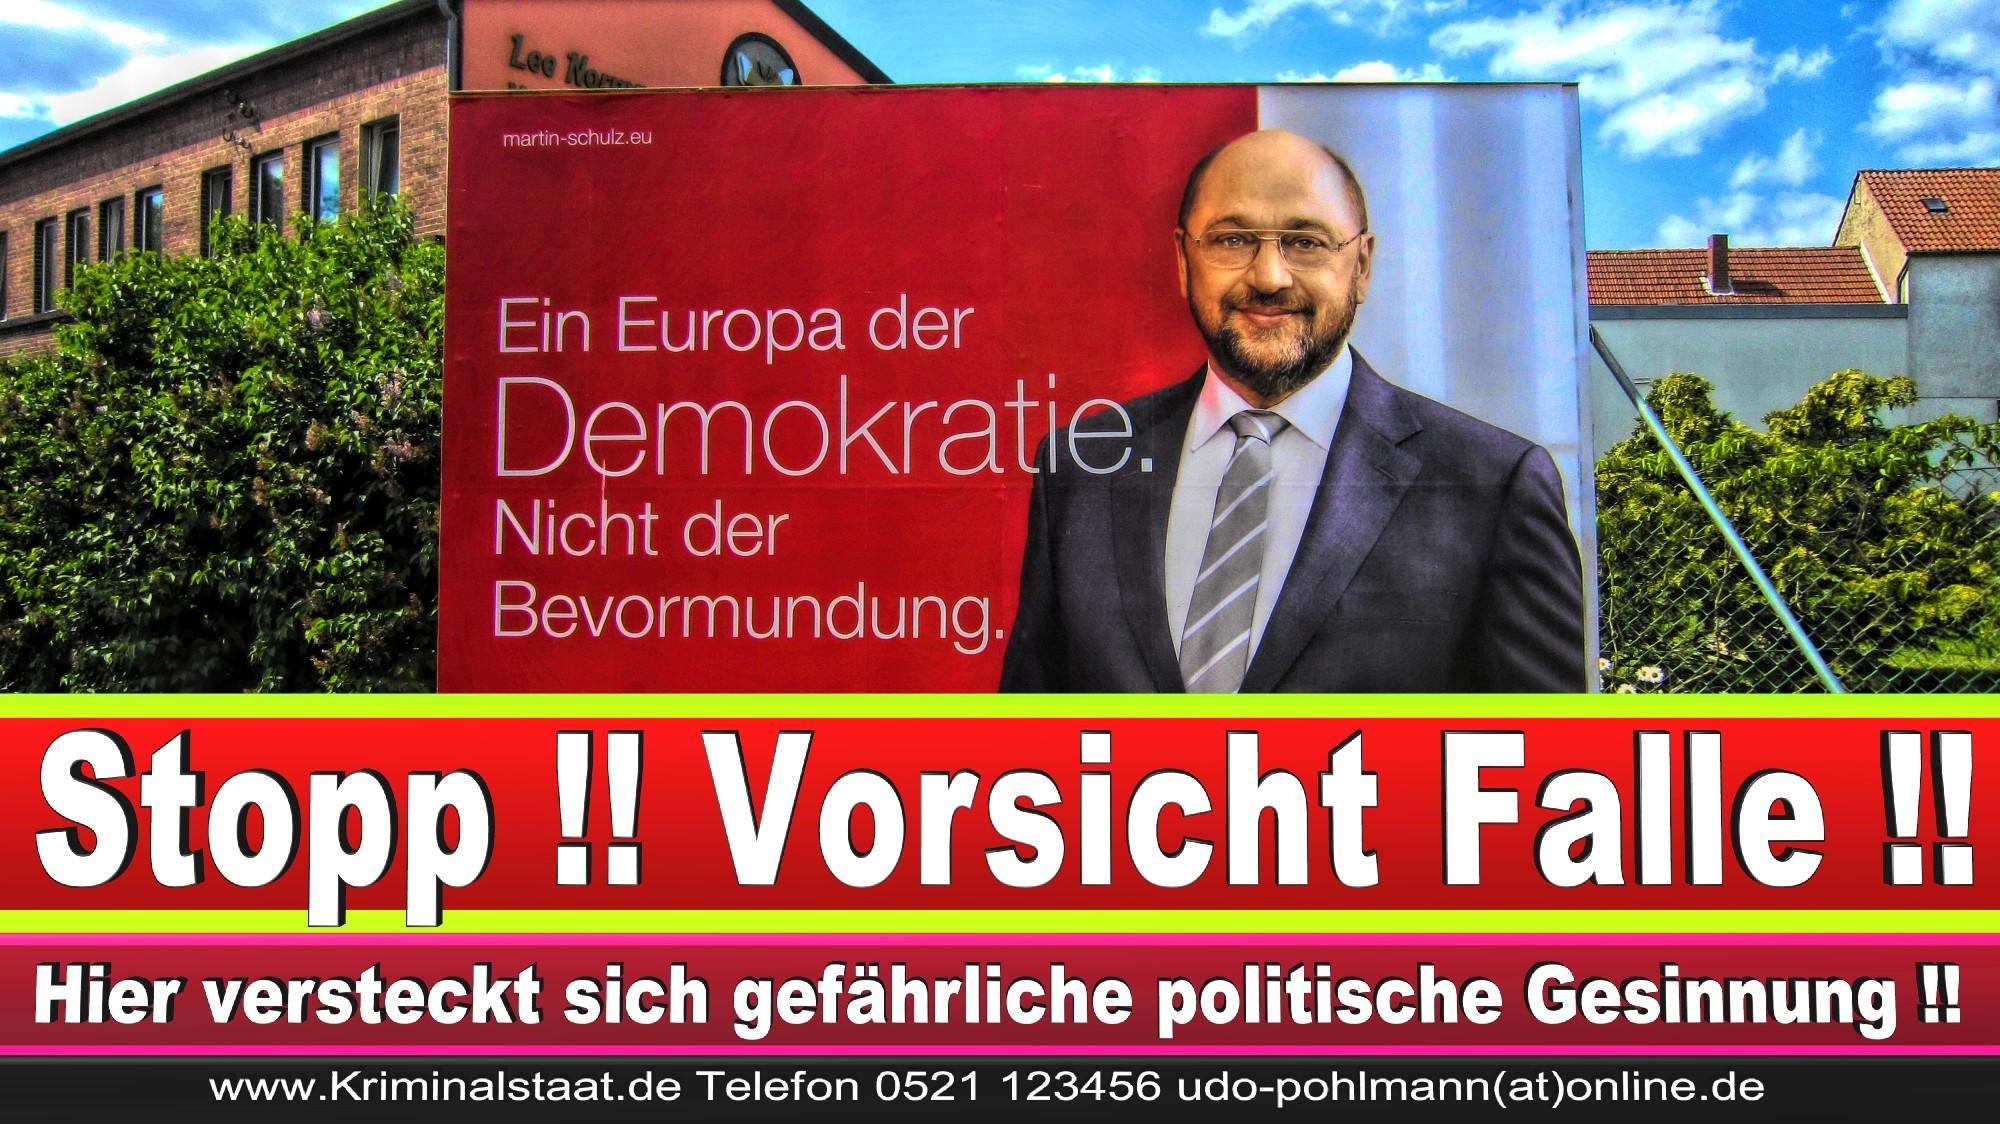 Wahlwerbung Wahlplakate Landtagswahl 2019 Europawahl CDU SPD FDP 2021 (121)